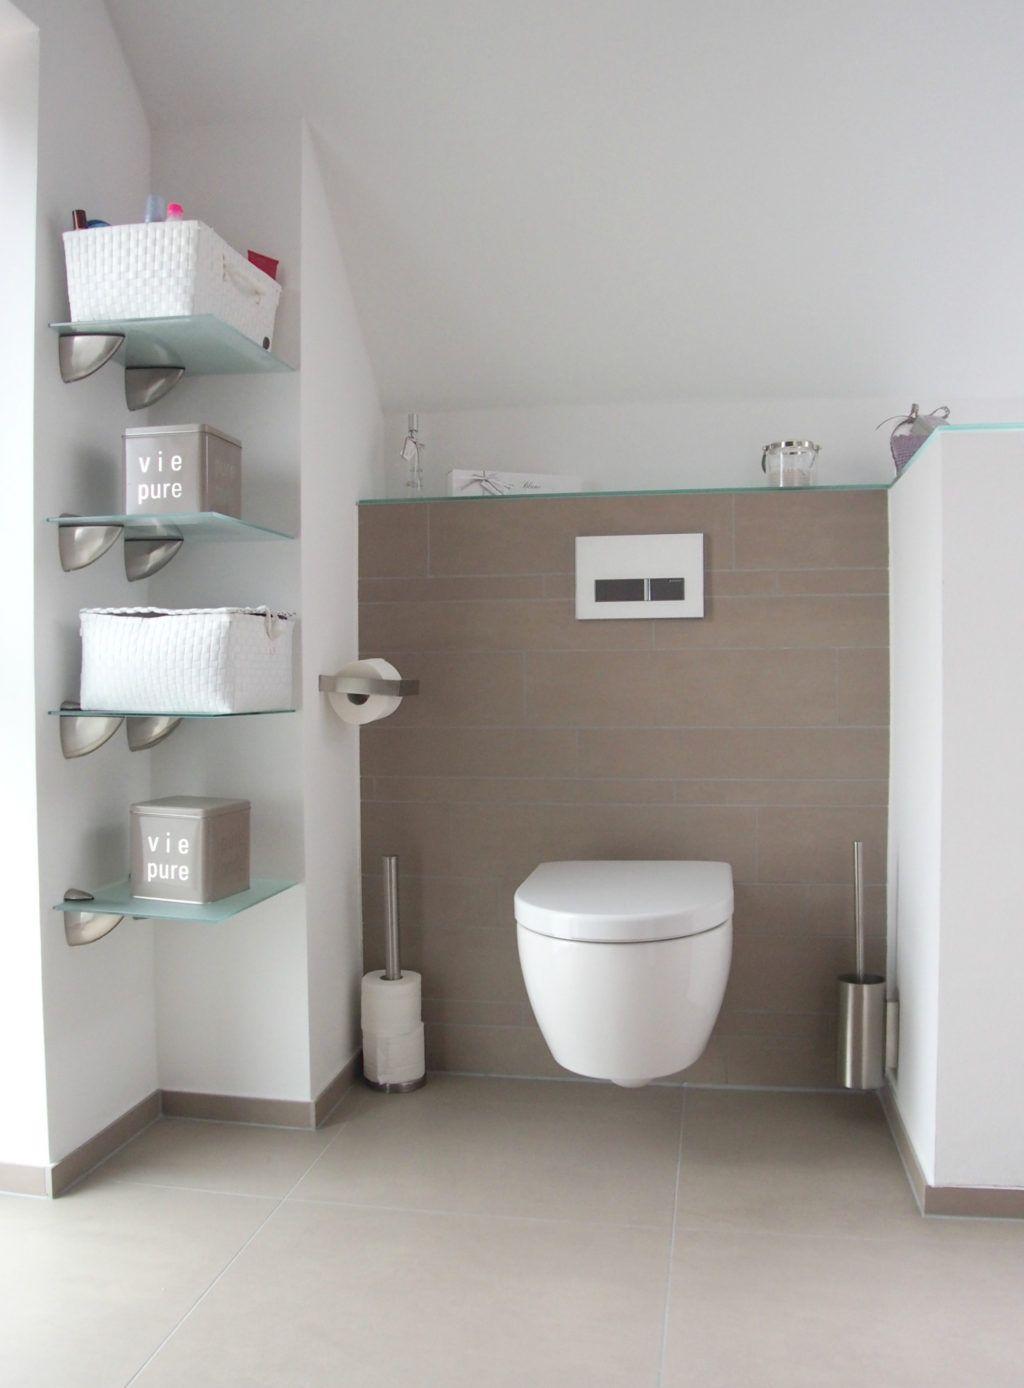 einrichtungsideen für badezimmer | Pinterest | Einrichtungsideen ...